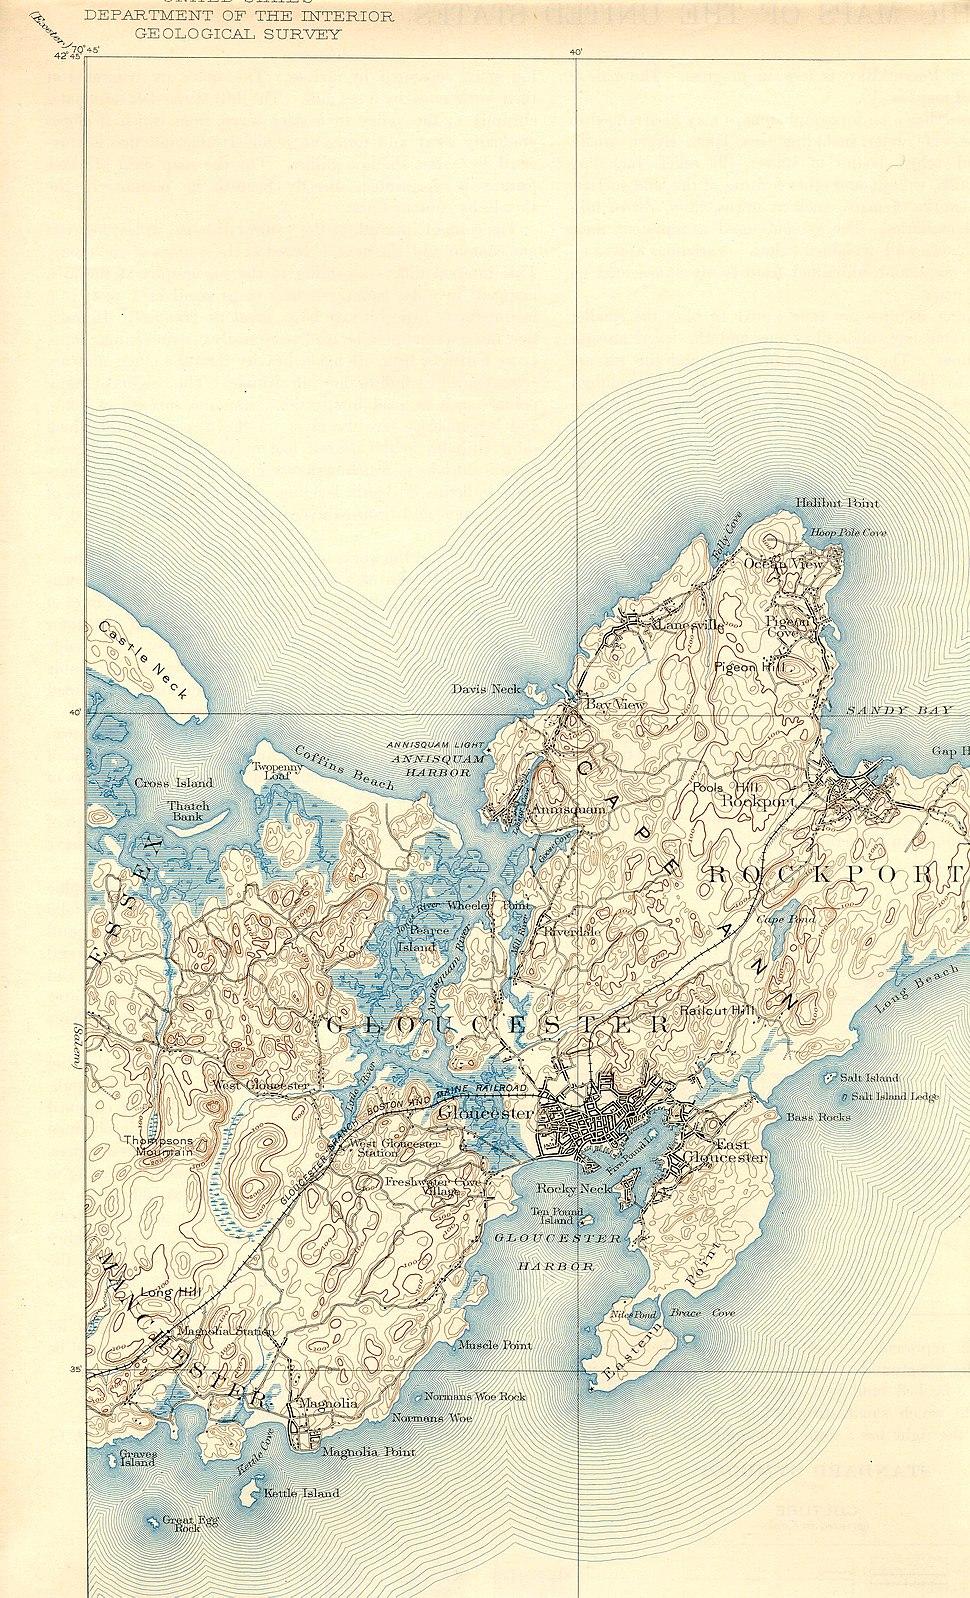 Annisquam River (Massachusetts) map